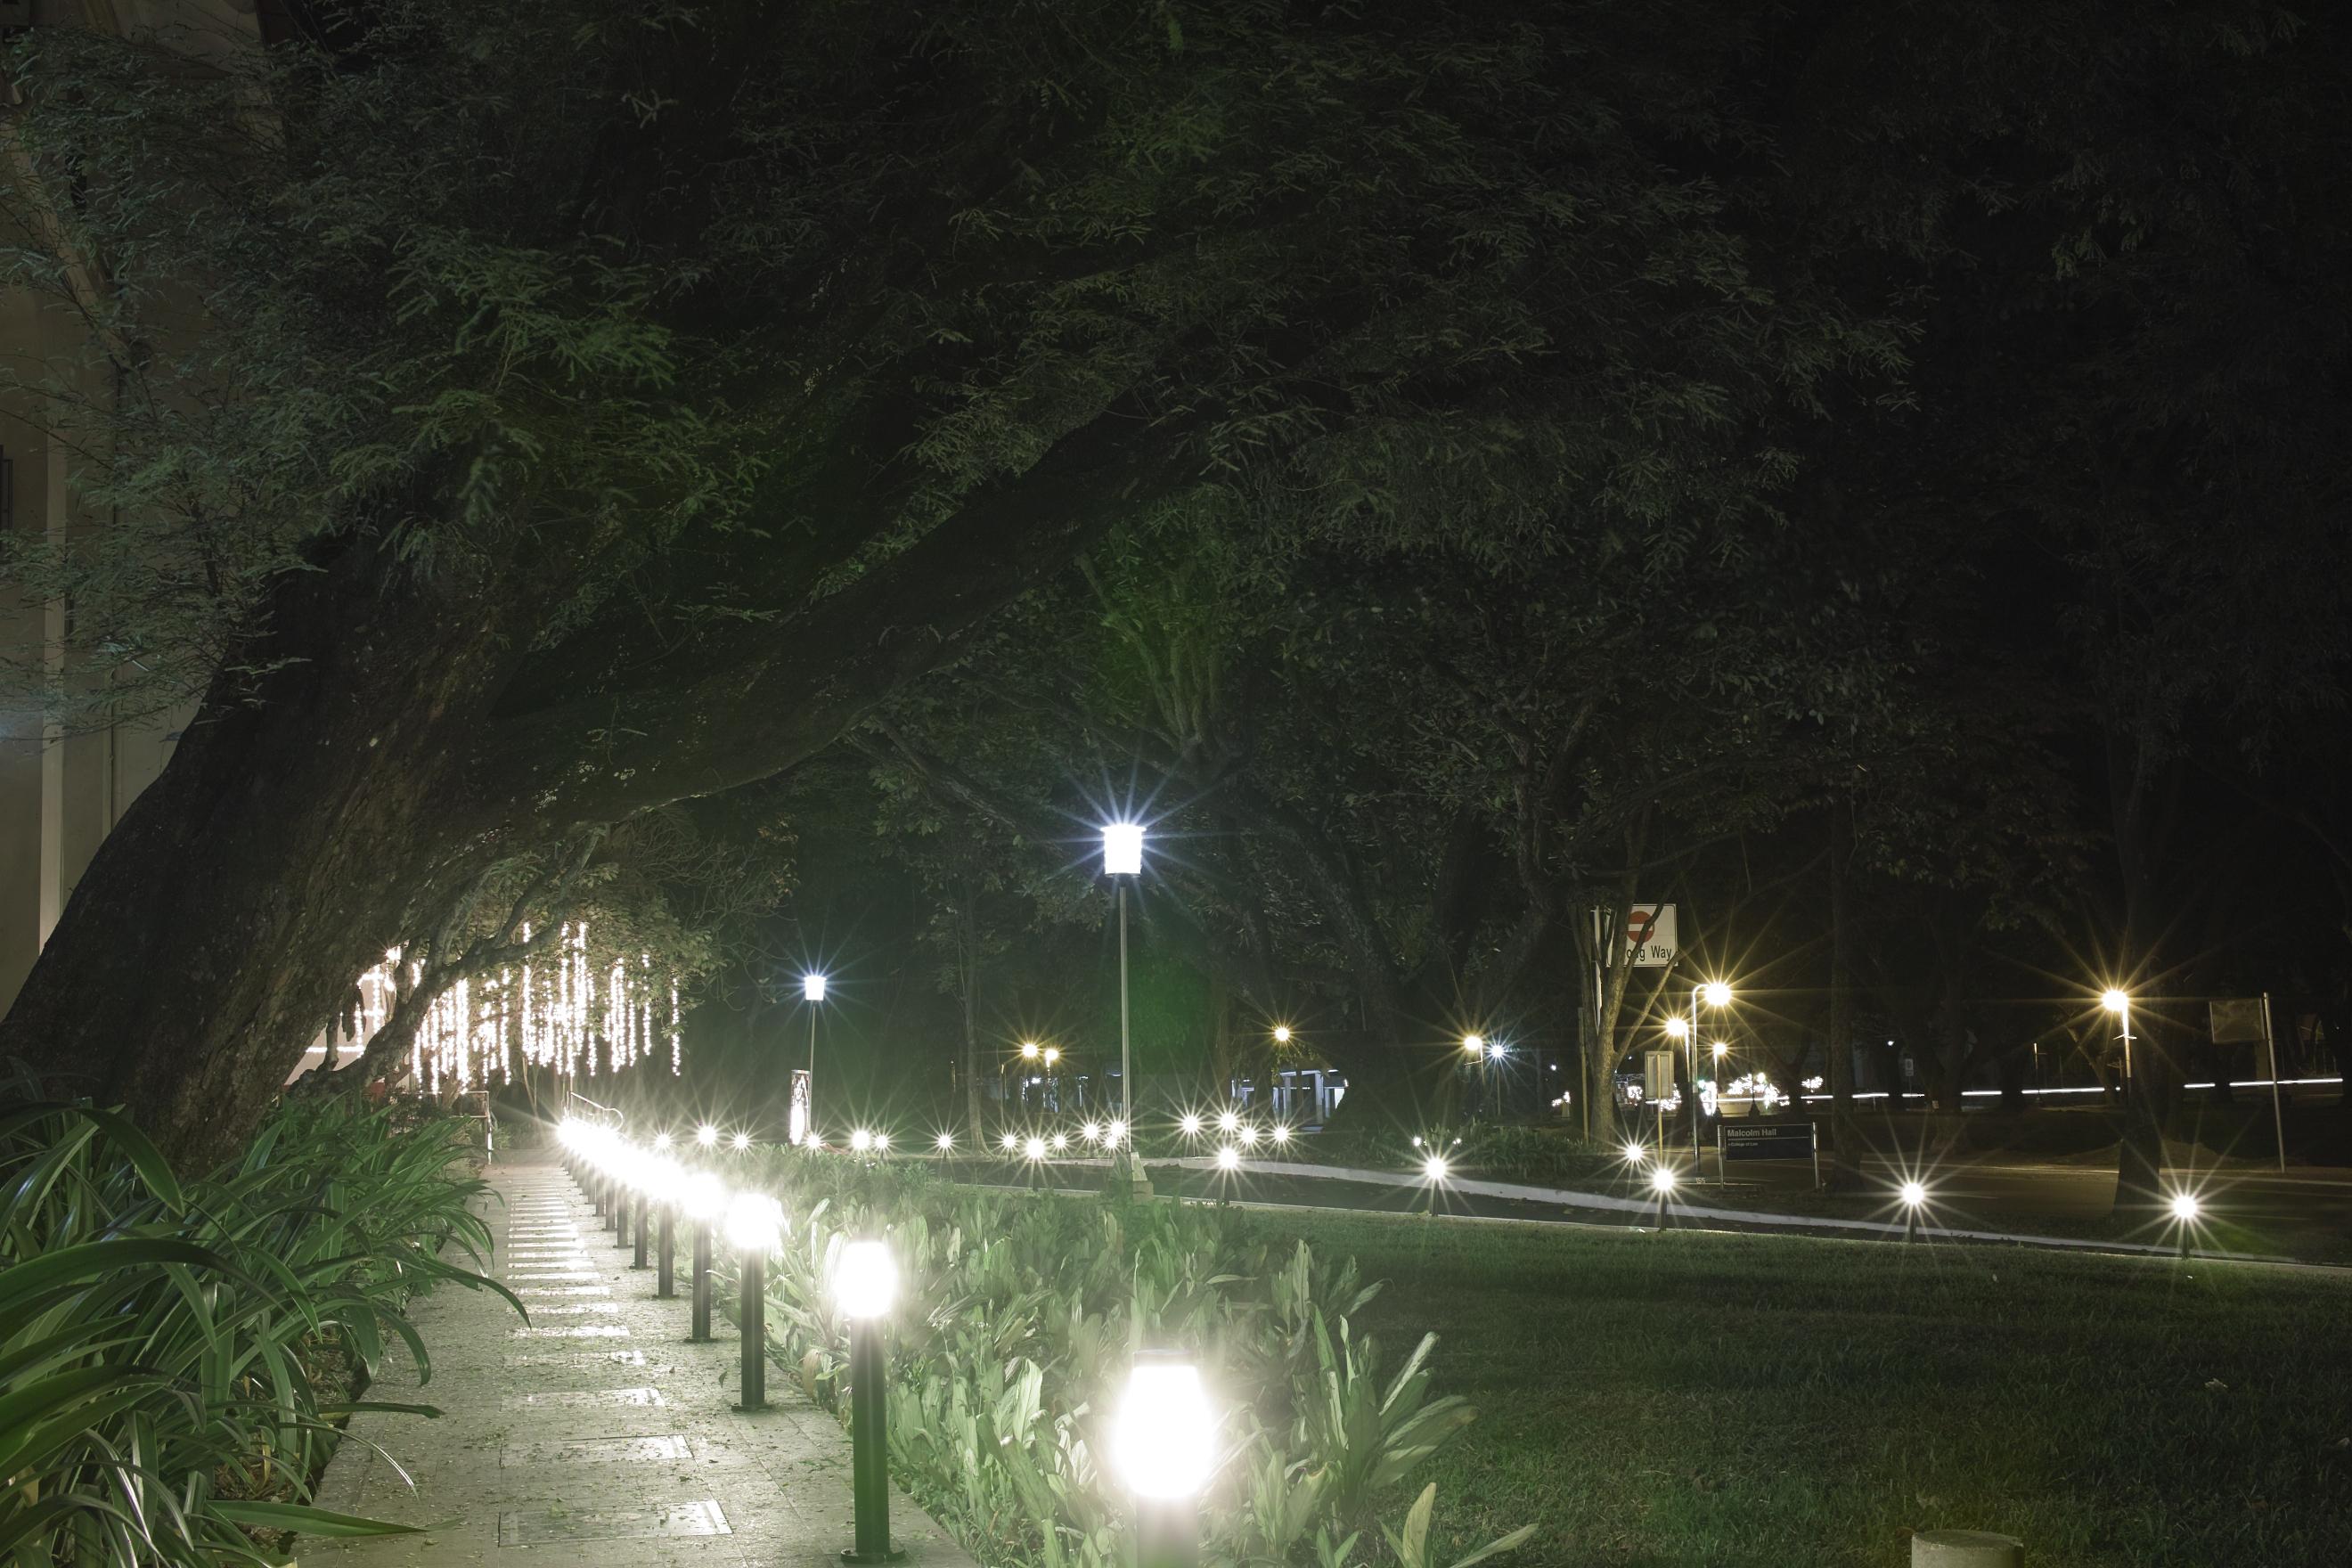 Liliputian street lamps